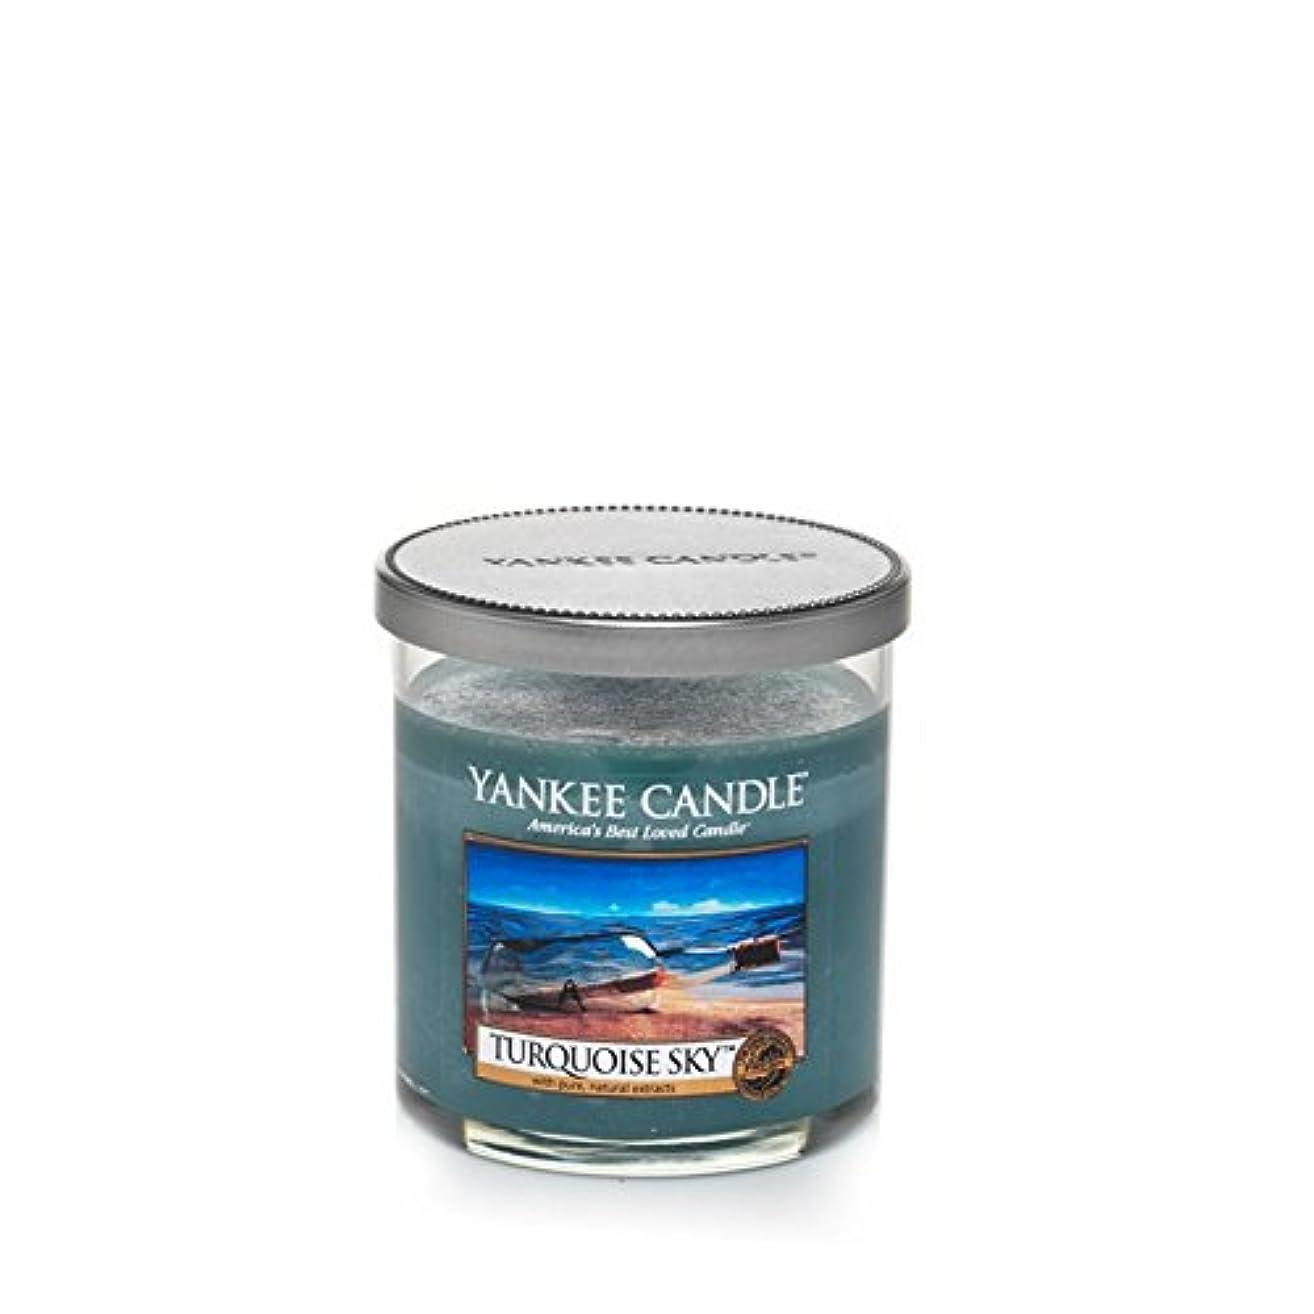 間違いなくチキン令状Yankee Candles Small Pillar Candle - Turquoise Sky (Pack of 6) - ヤンキーキャンドルの小さな柱キャンドル - ターコイズの空 (x6) [並行輸入品]